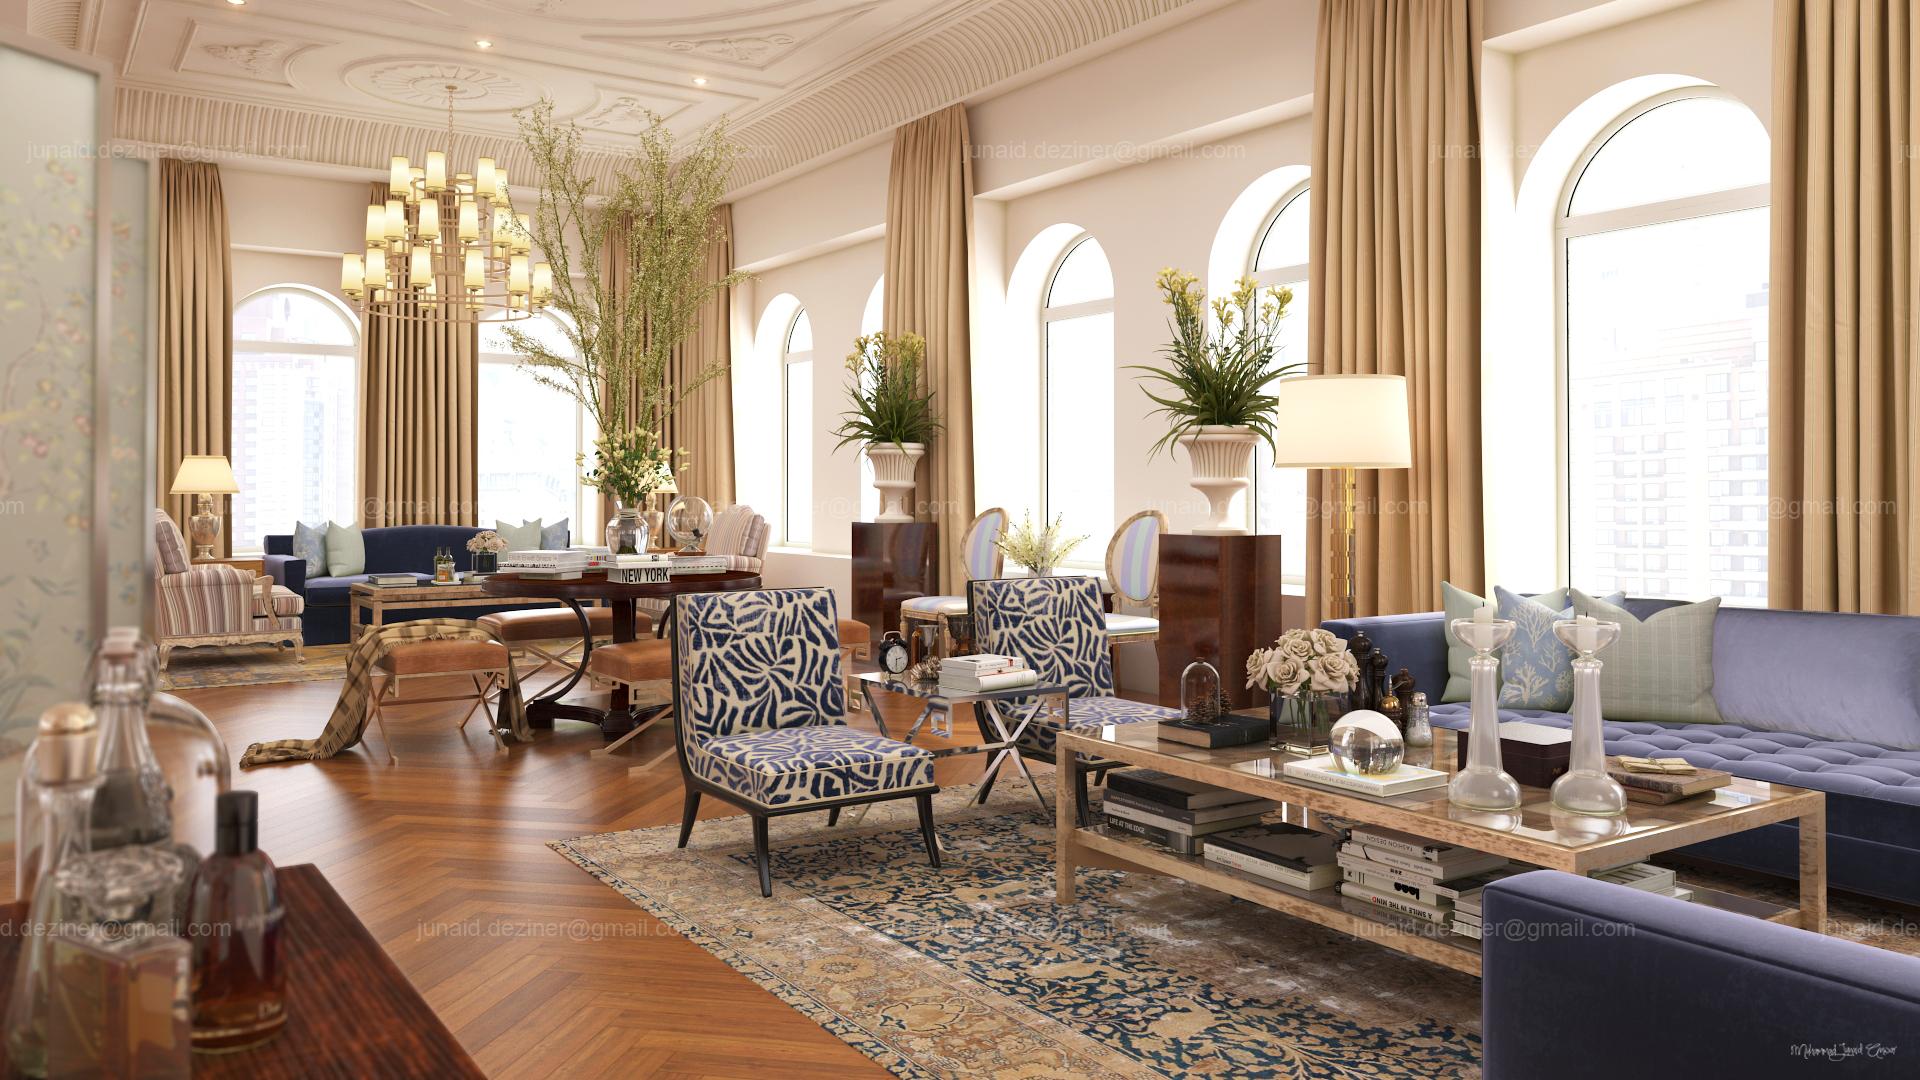 MJ_Luxury_Interior Design_3